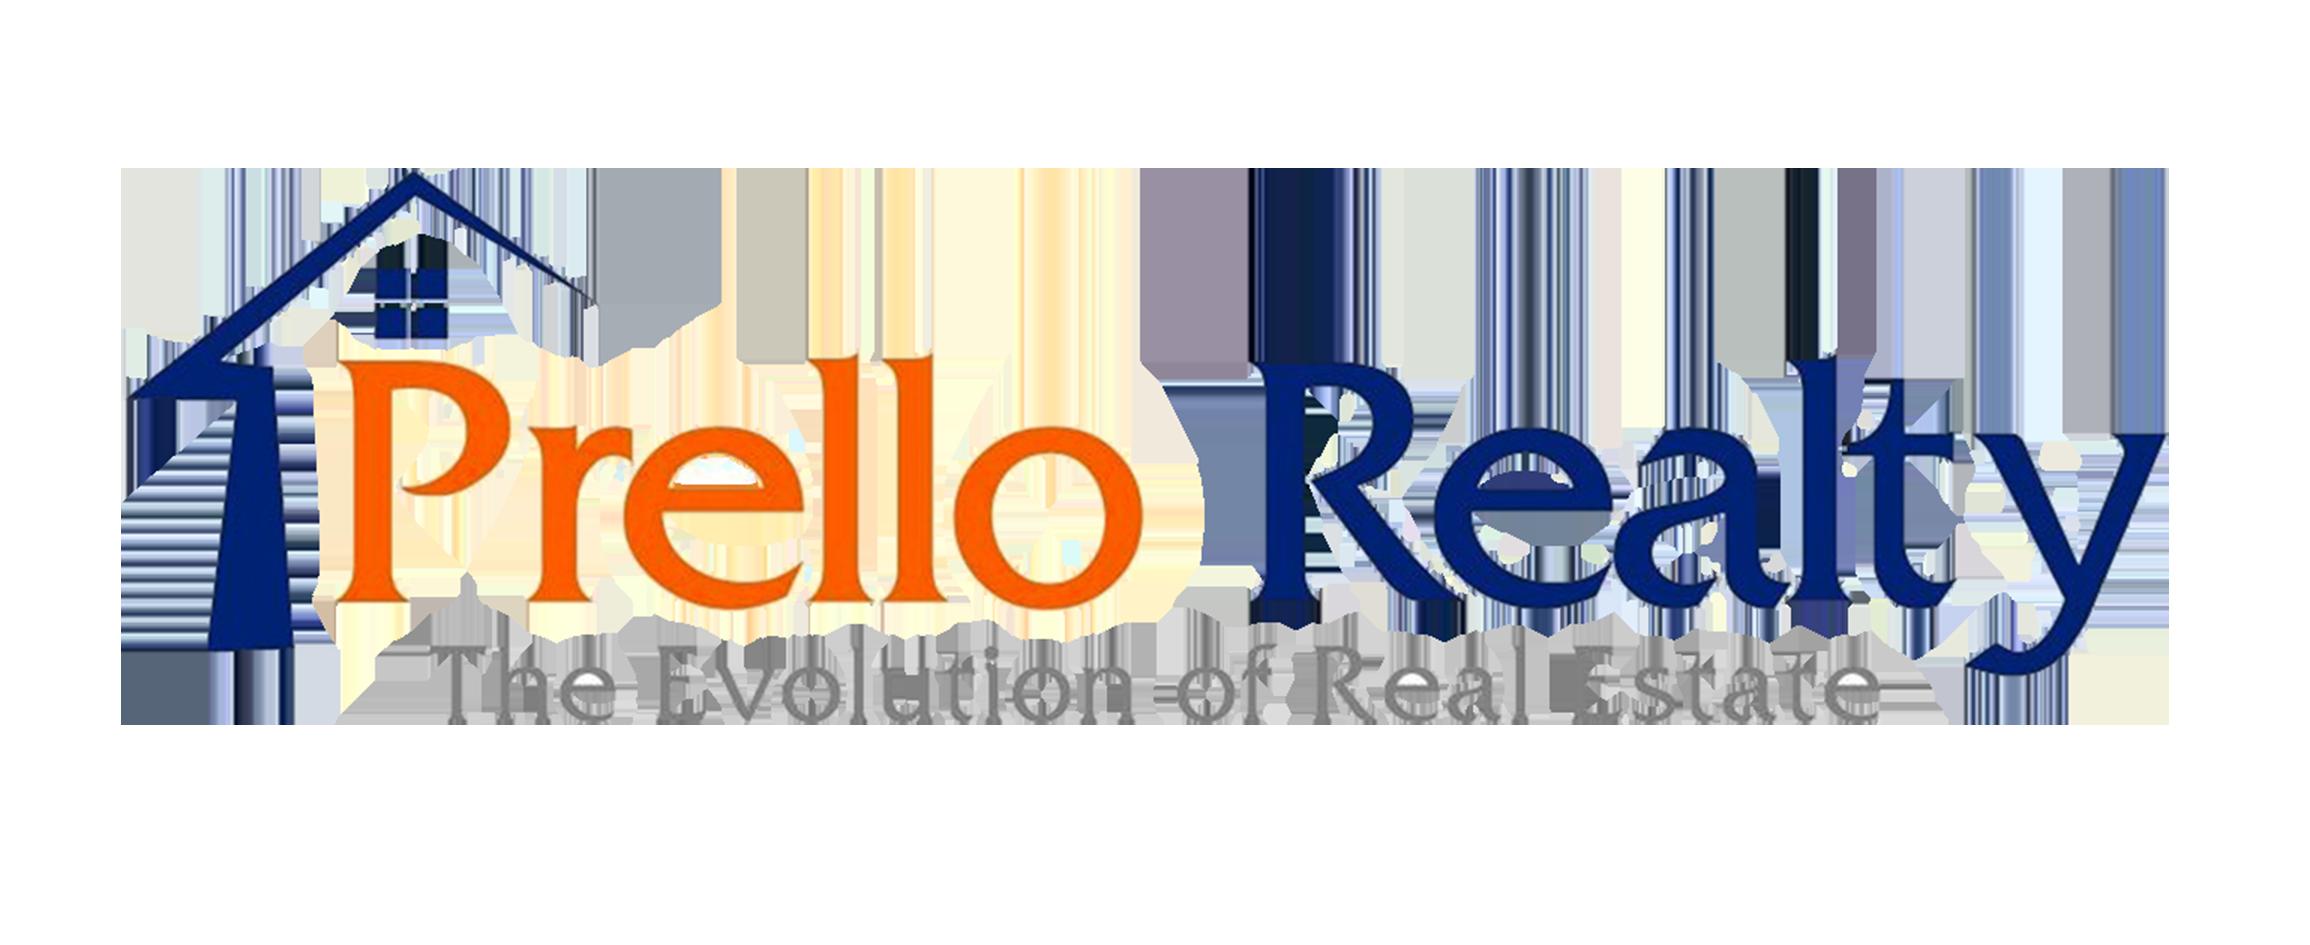 Prello Realty